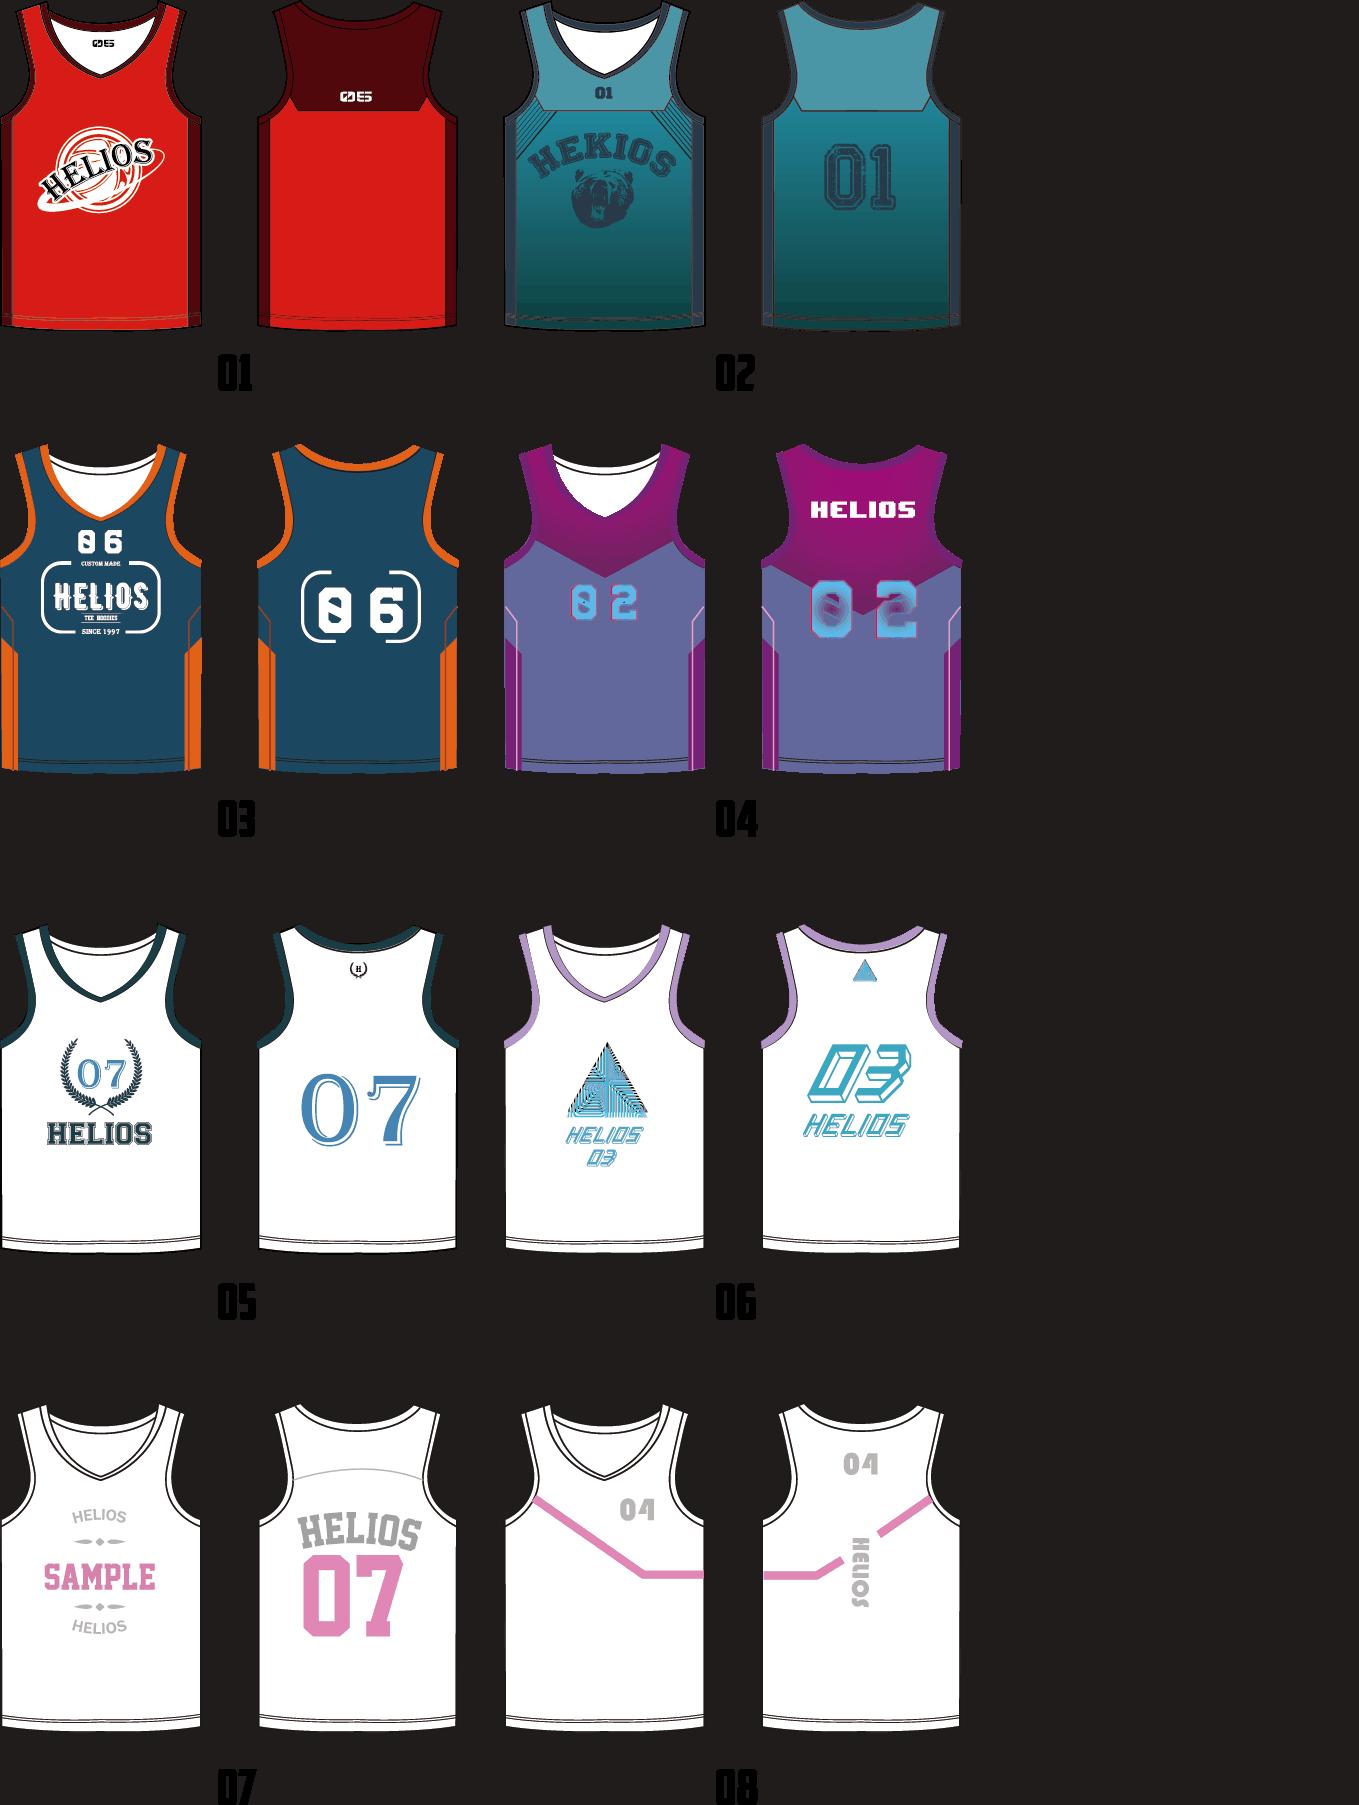 籃球衫樣版參考